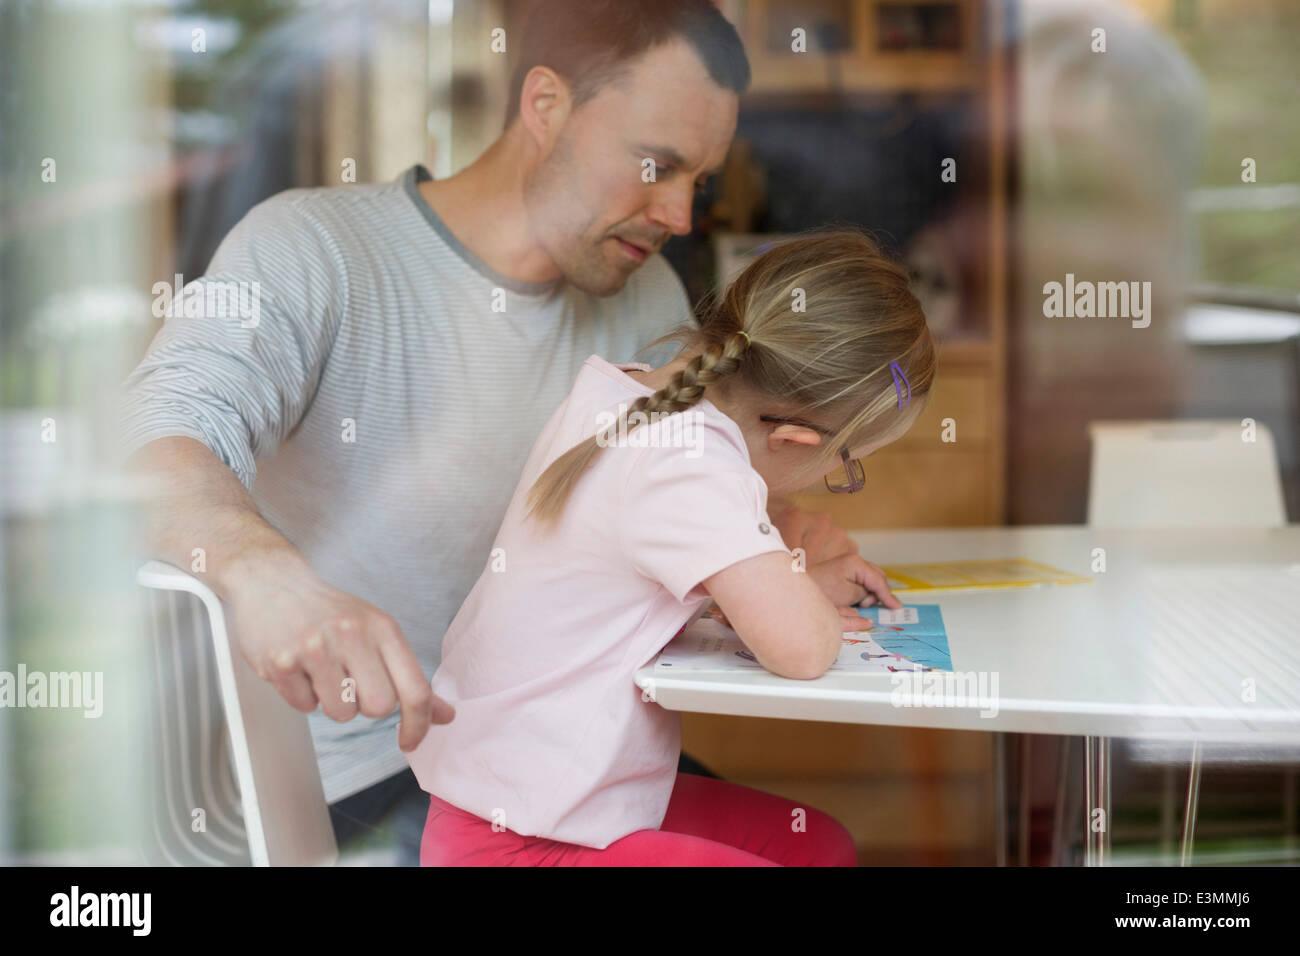 Vater unterstützen behinderte Mädchen in Studien am Tisch Stockbild